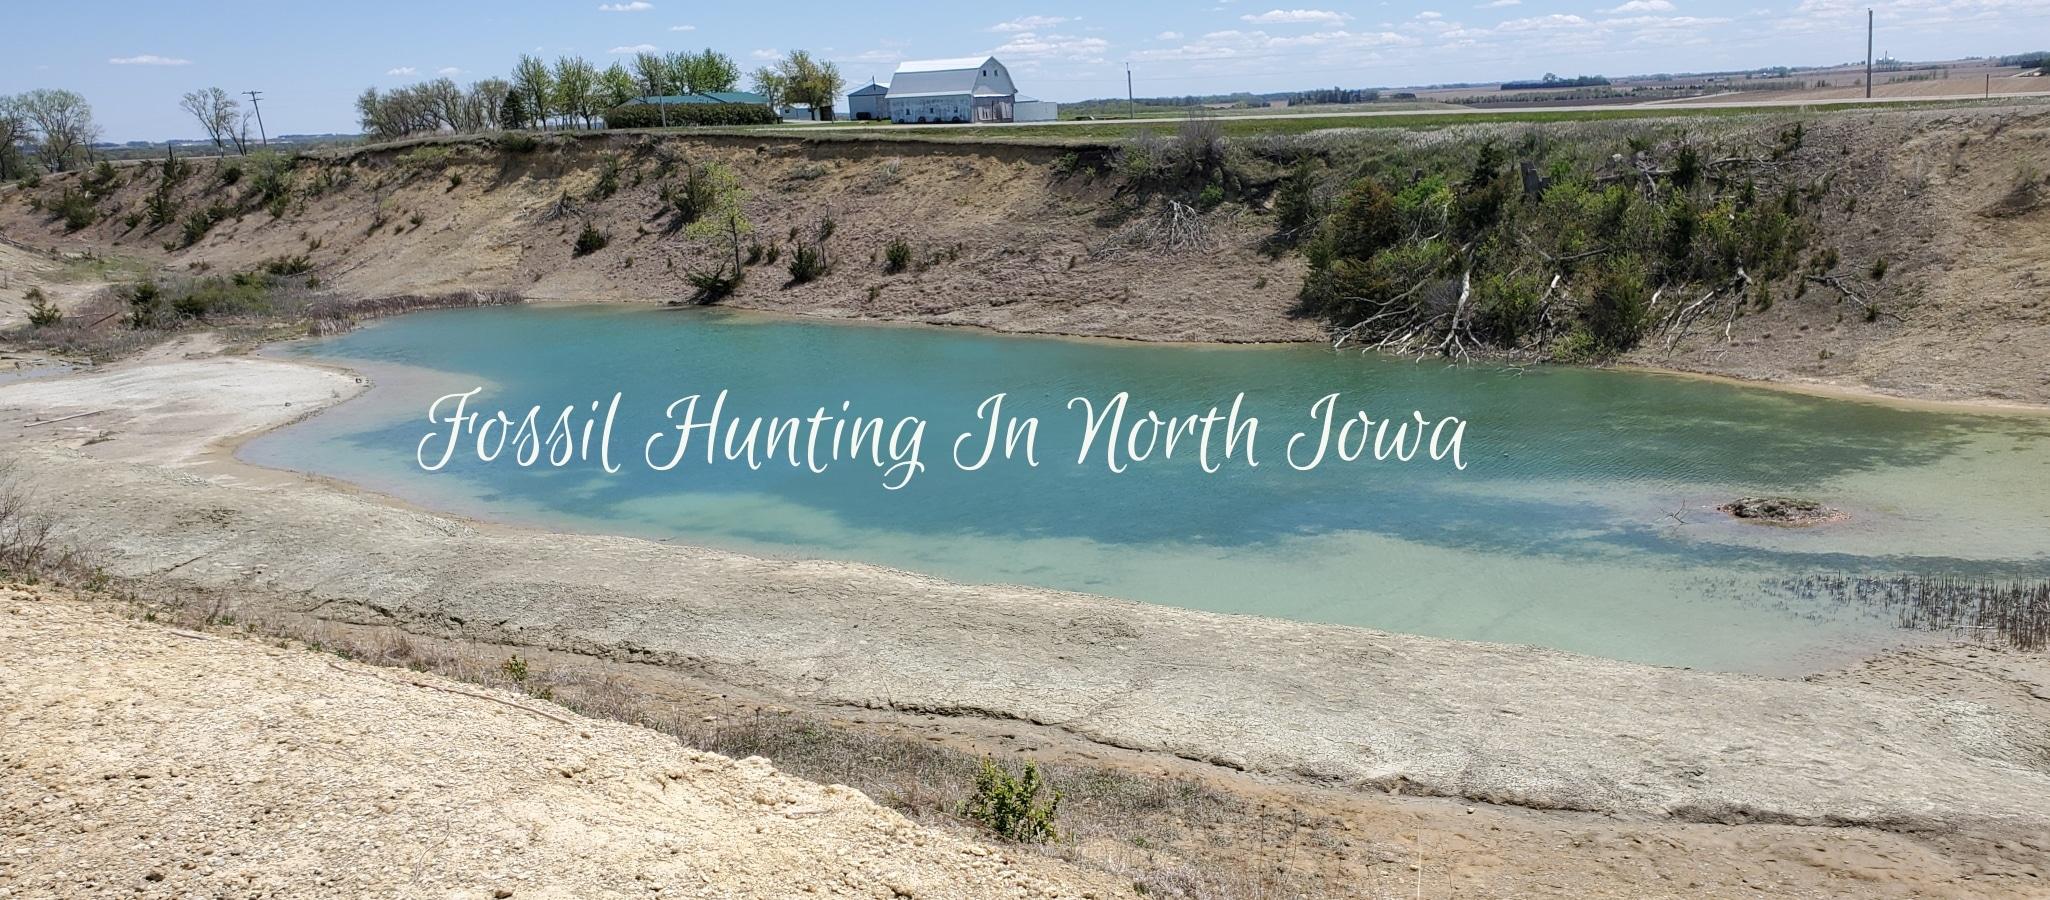 Rockford Fossil Prairie Area